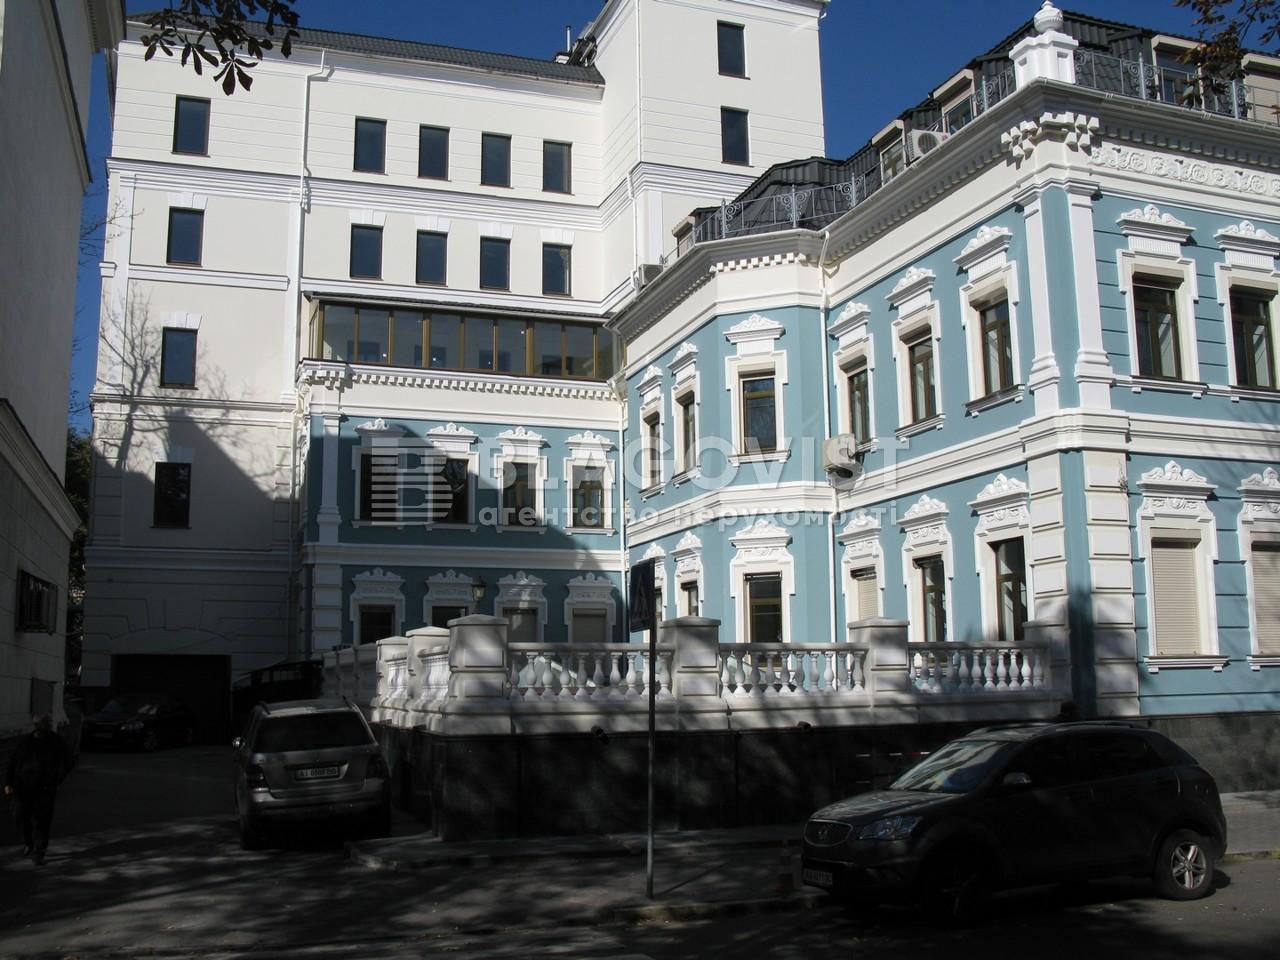 Нежилое помещение, H-34357, Липская, Киев - Фото 1